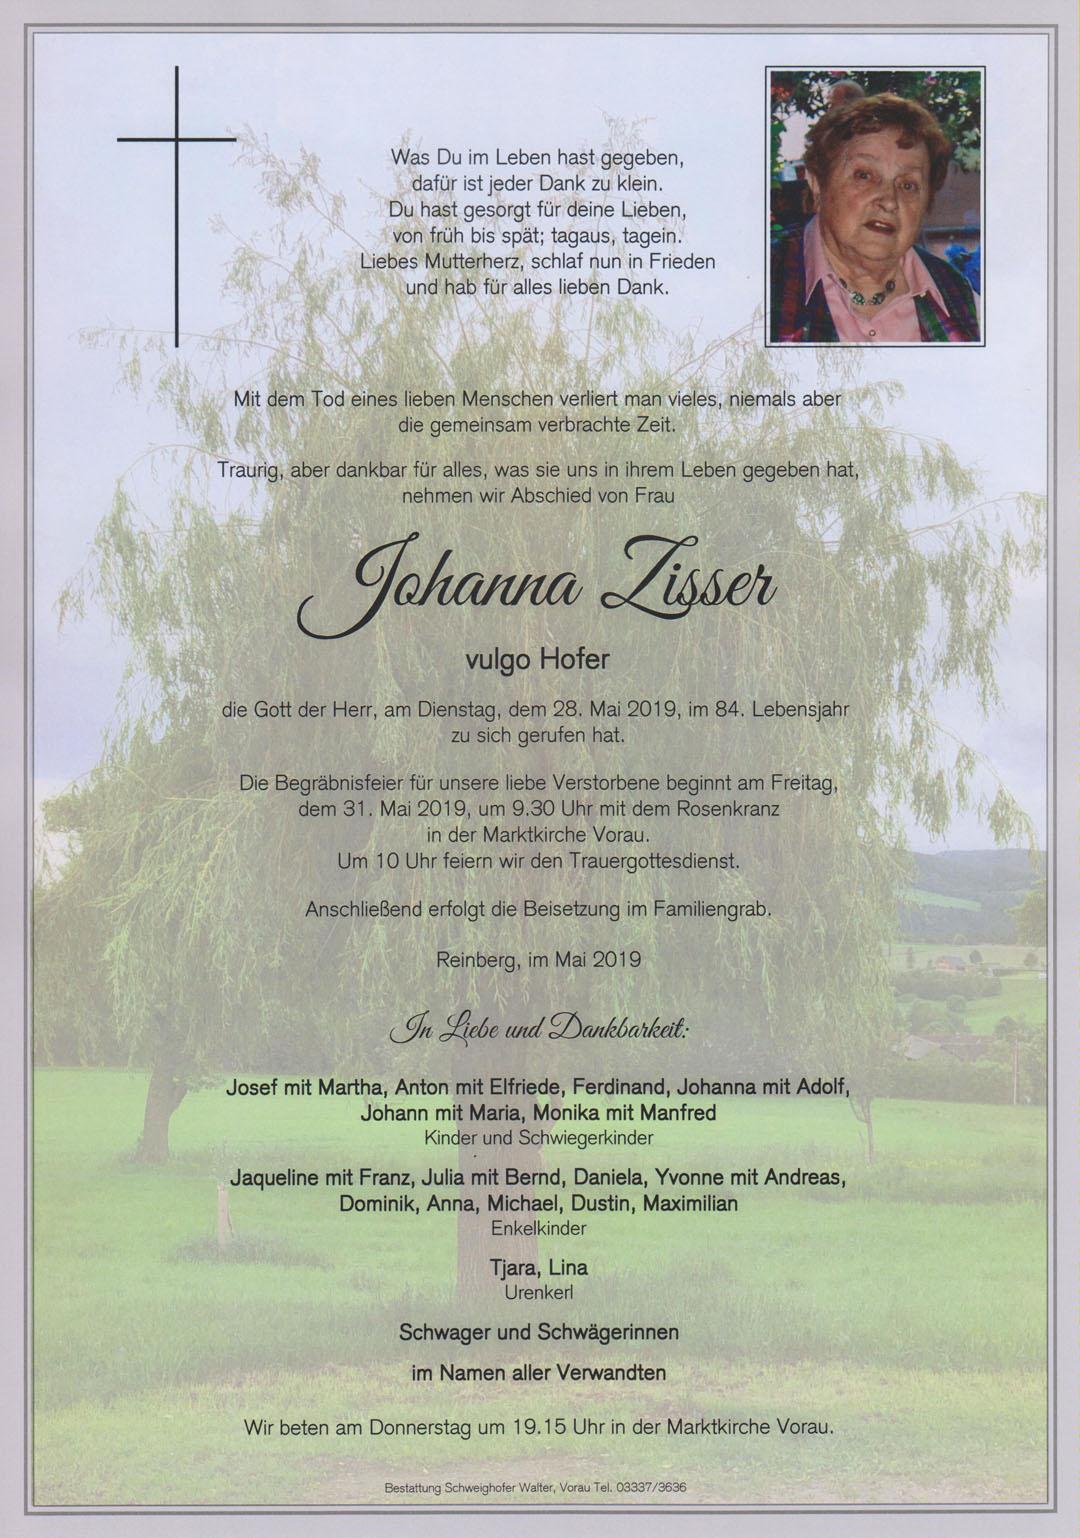 Johanna Zisser